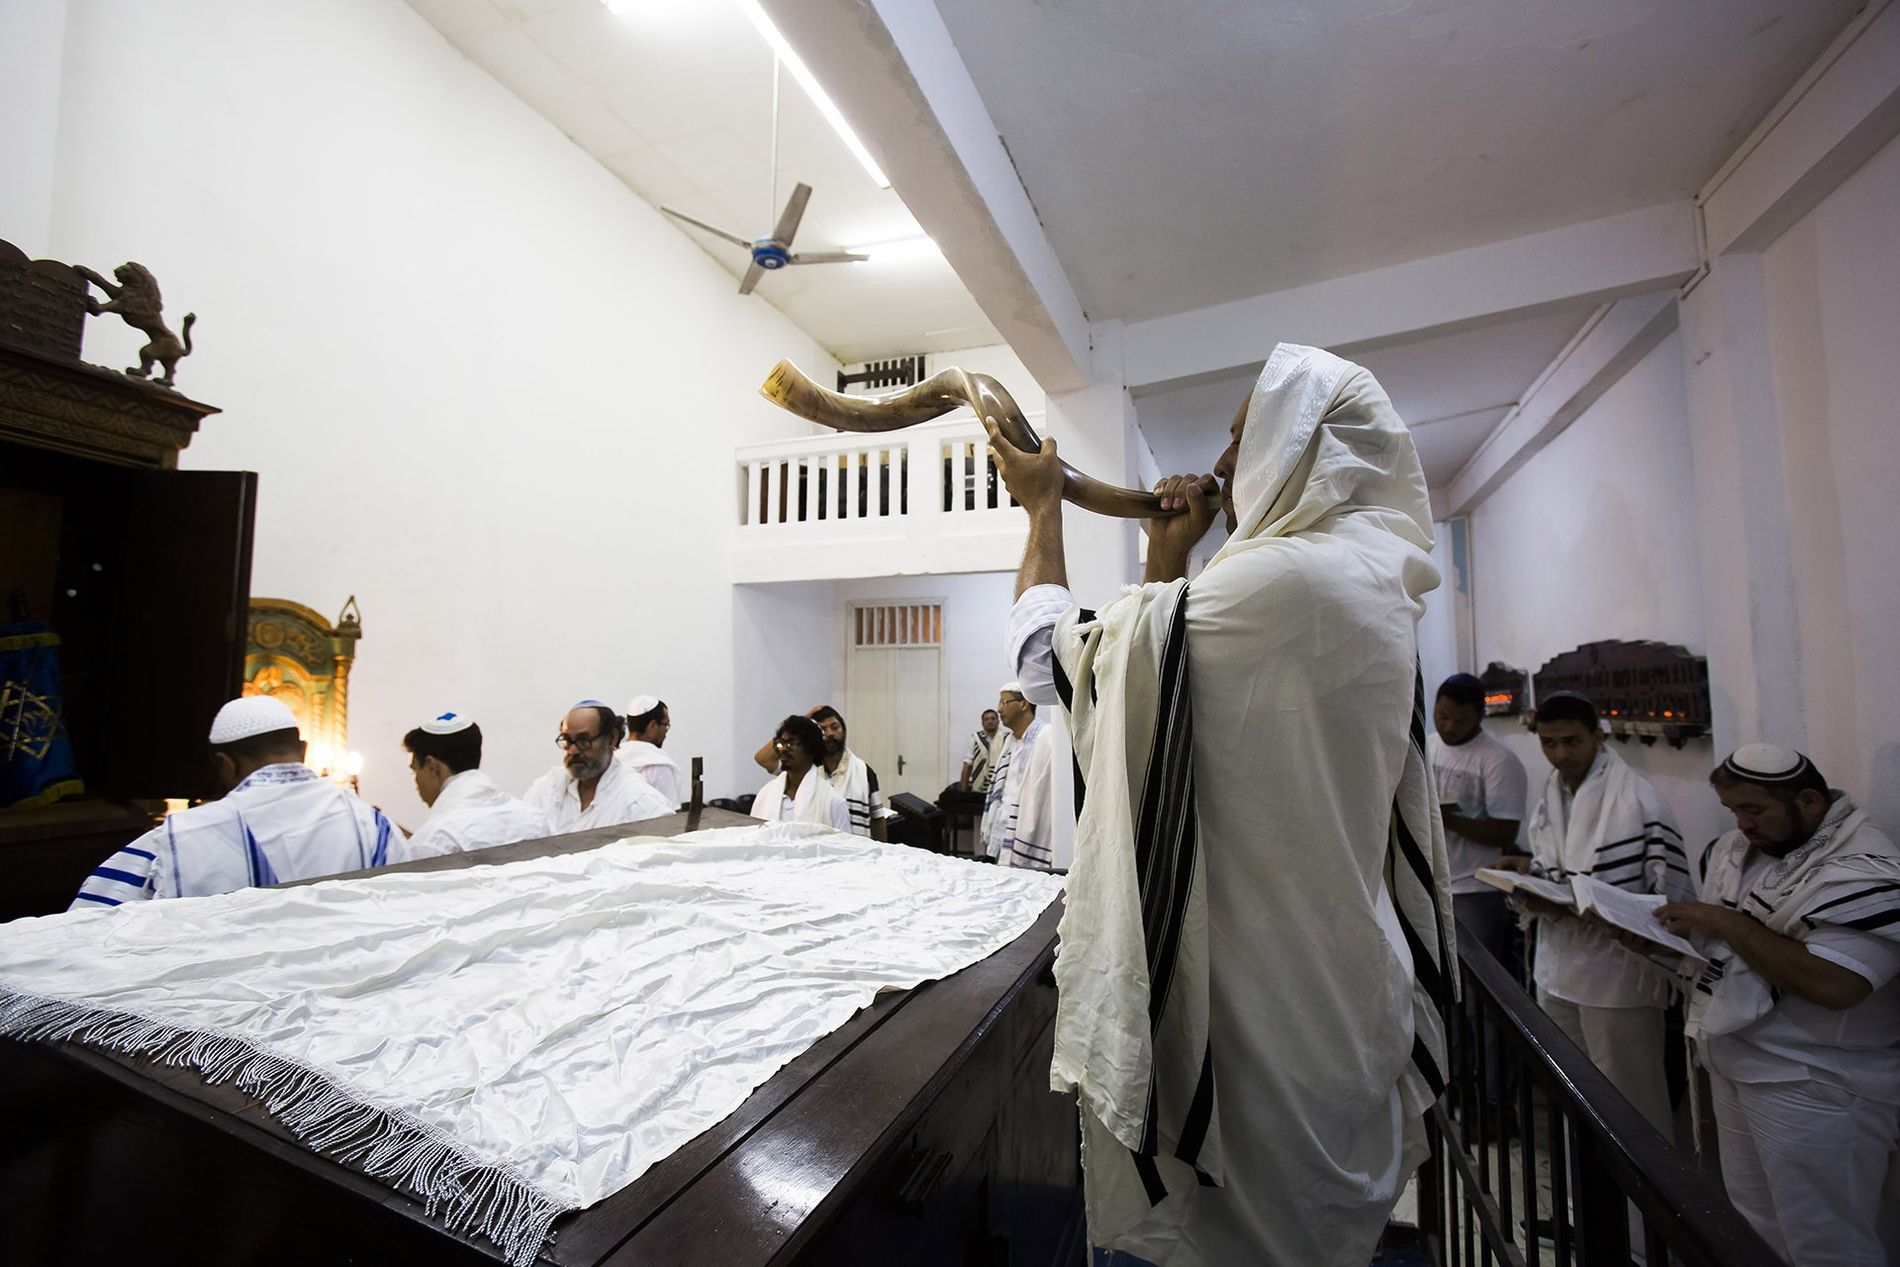 O som do chifre de carneiro, o shofar, pontua, na Sinagoga Israelita do Recife, o rito ...